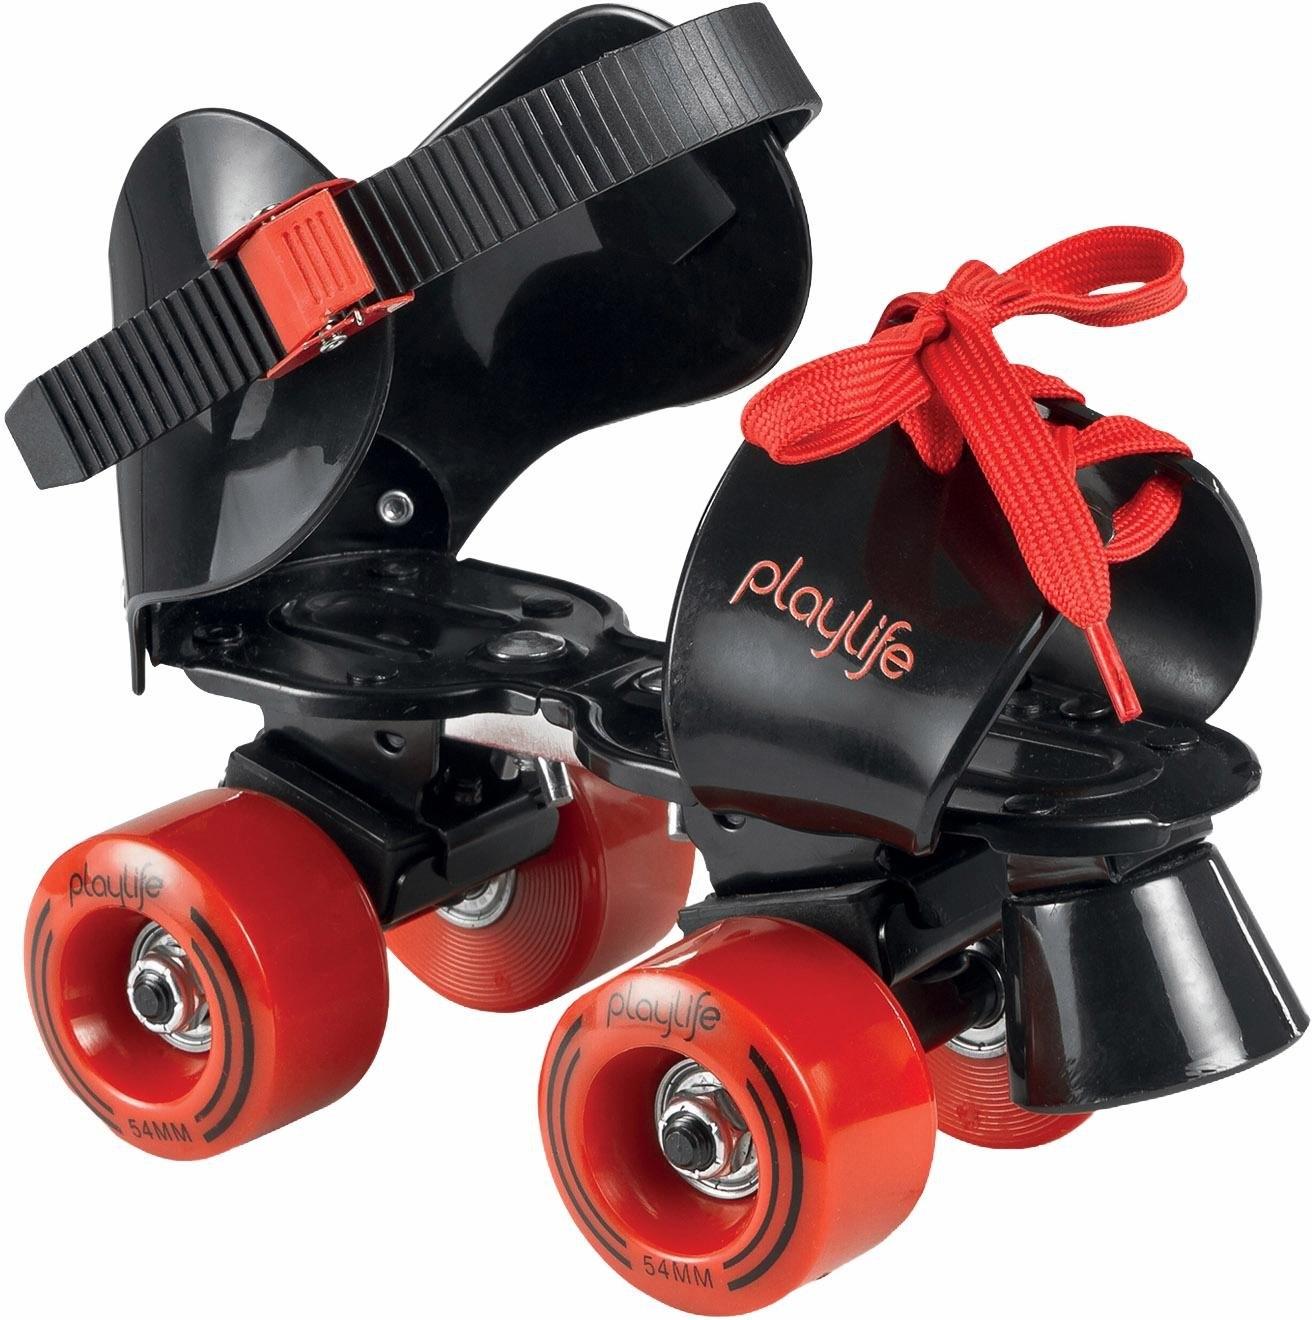 Op zoek naar een Playlife rollerskates, zwart/rood, »Sugar Kids«? Koop online bij OTTO